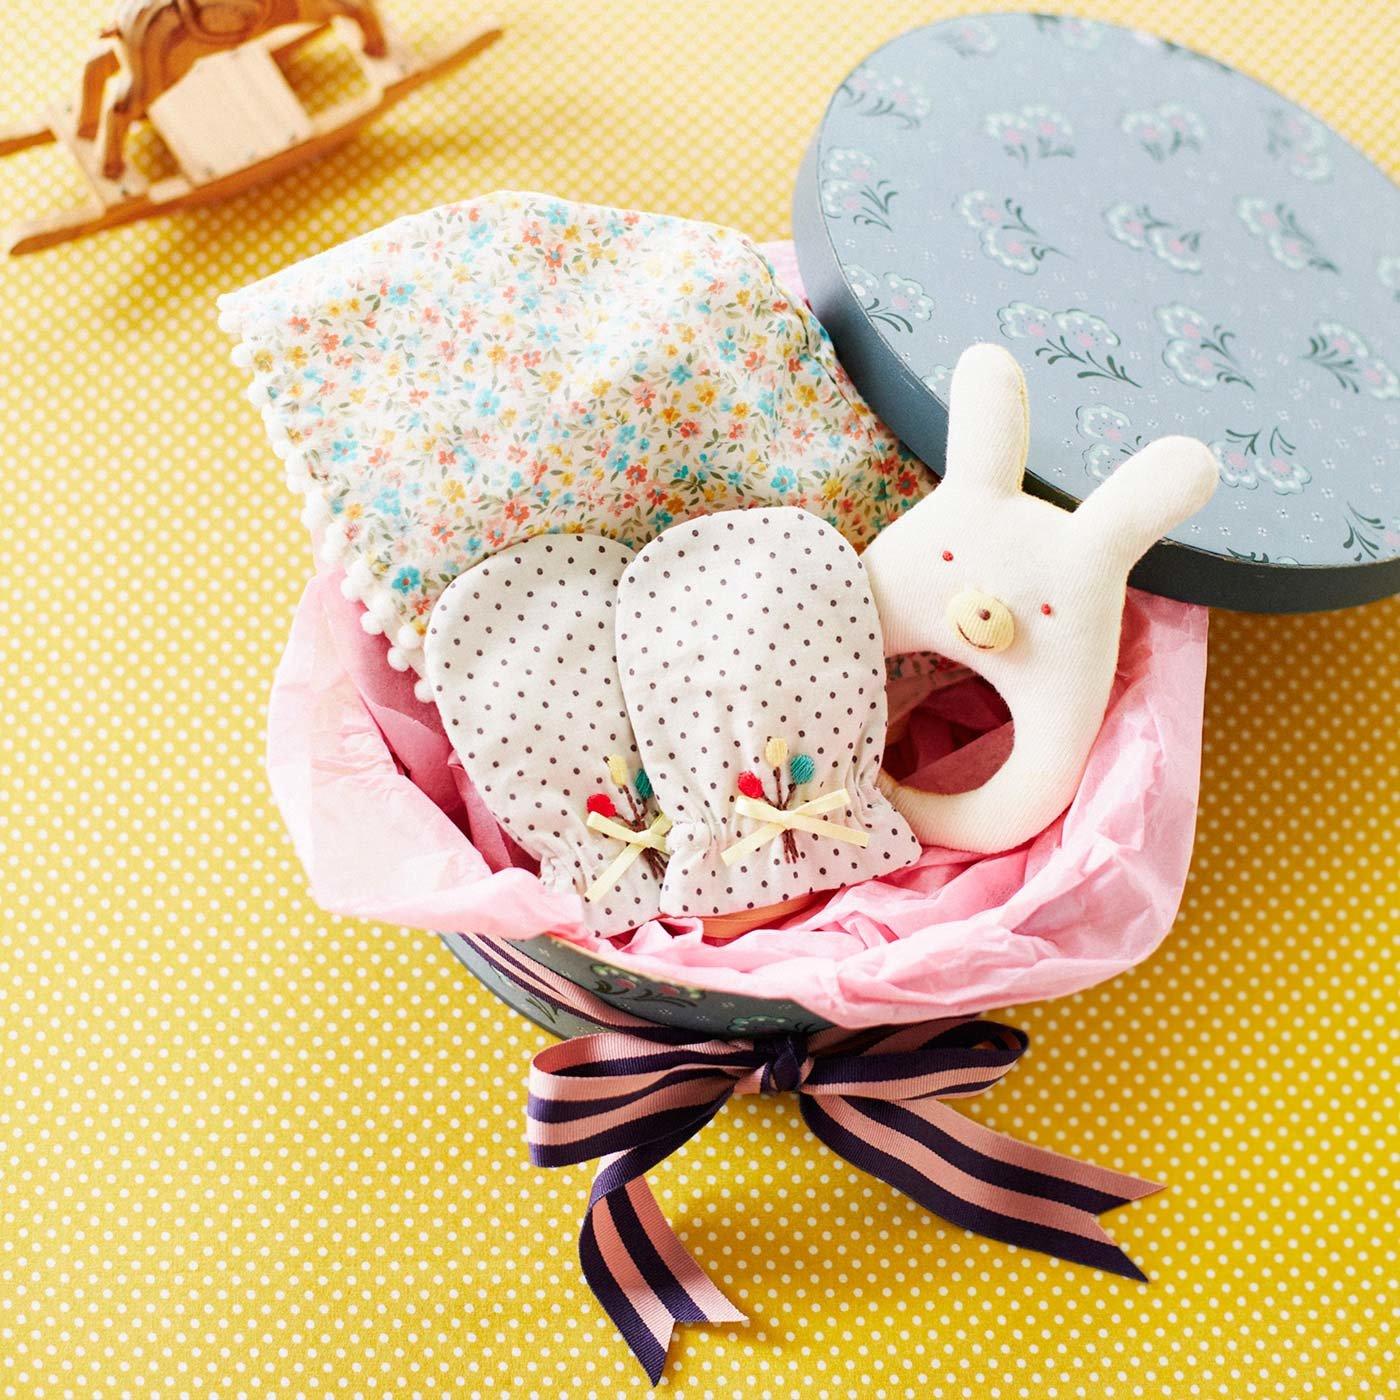 ご対面の日を夢見てちくちく 簡単に作れてすぐ使えるベビー小物